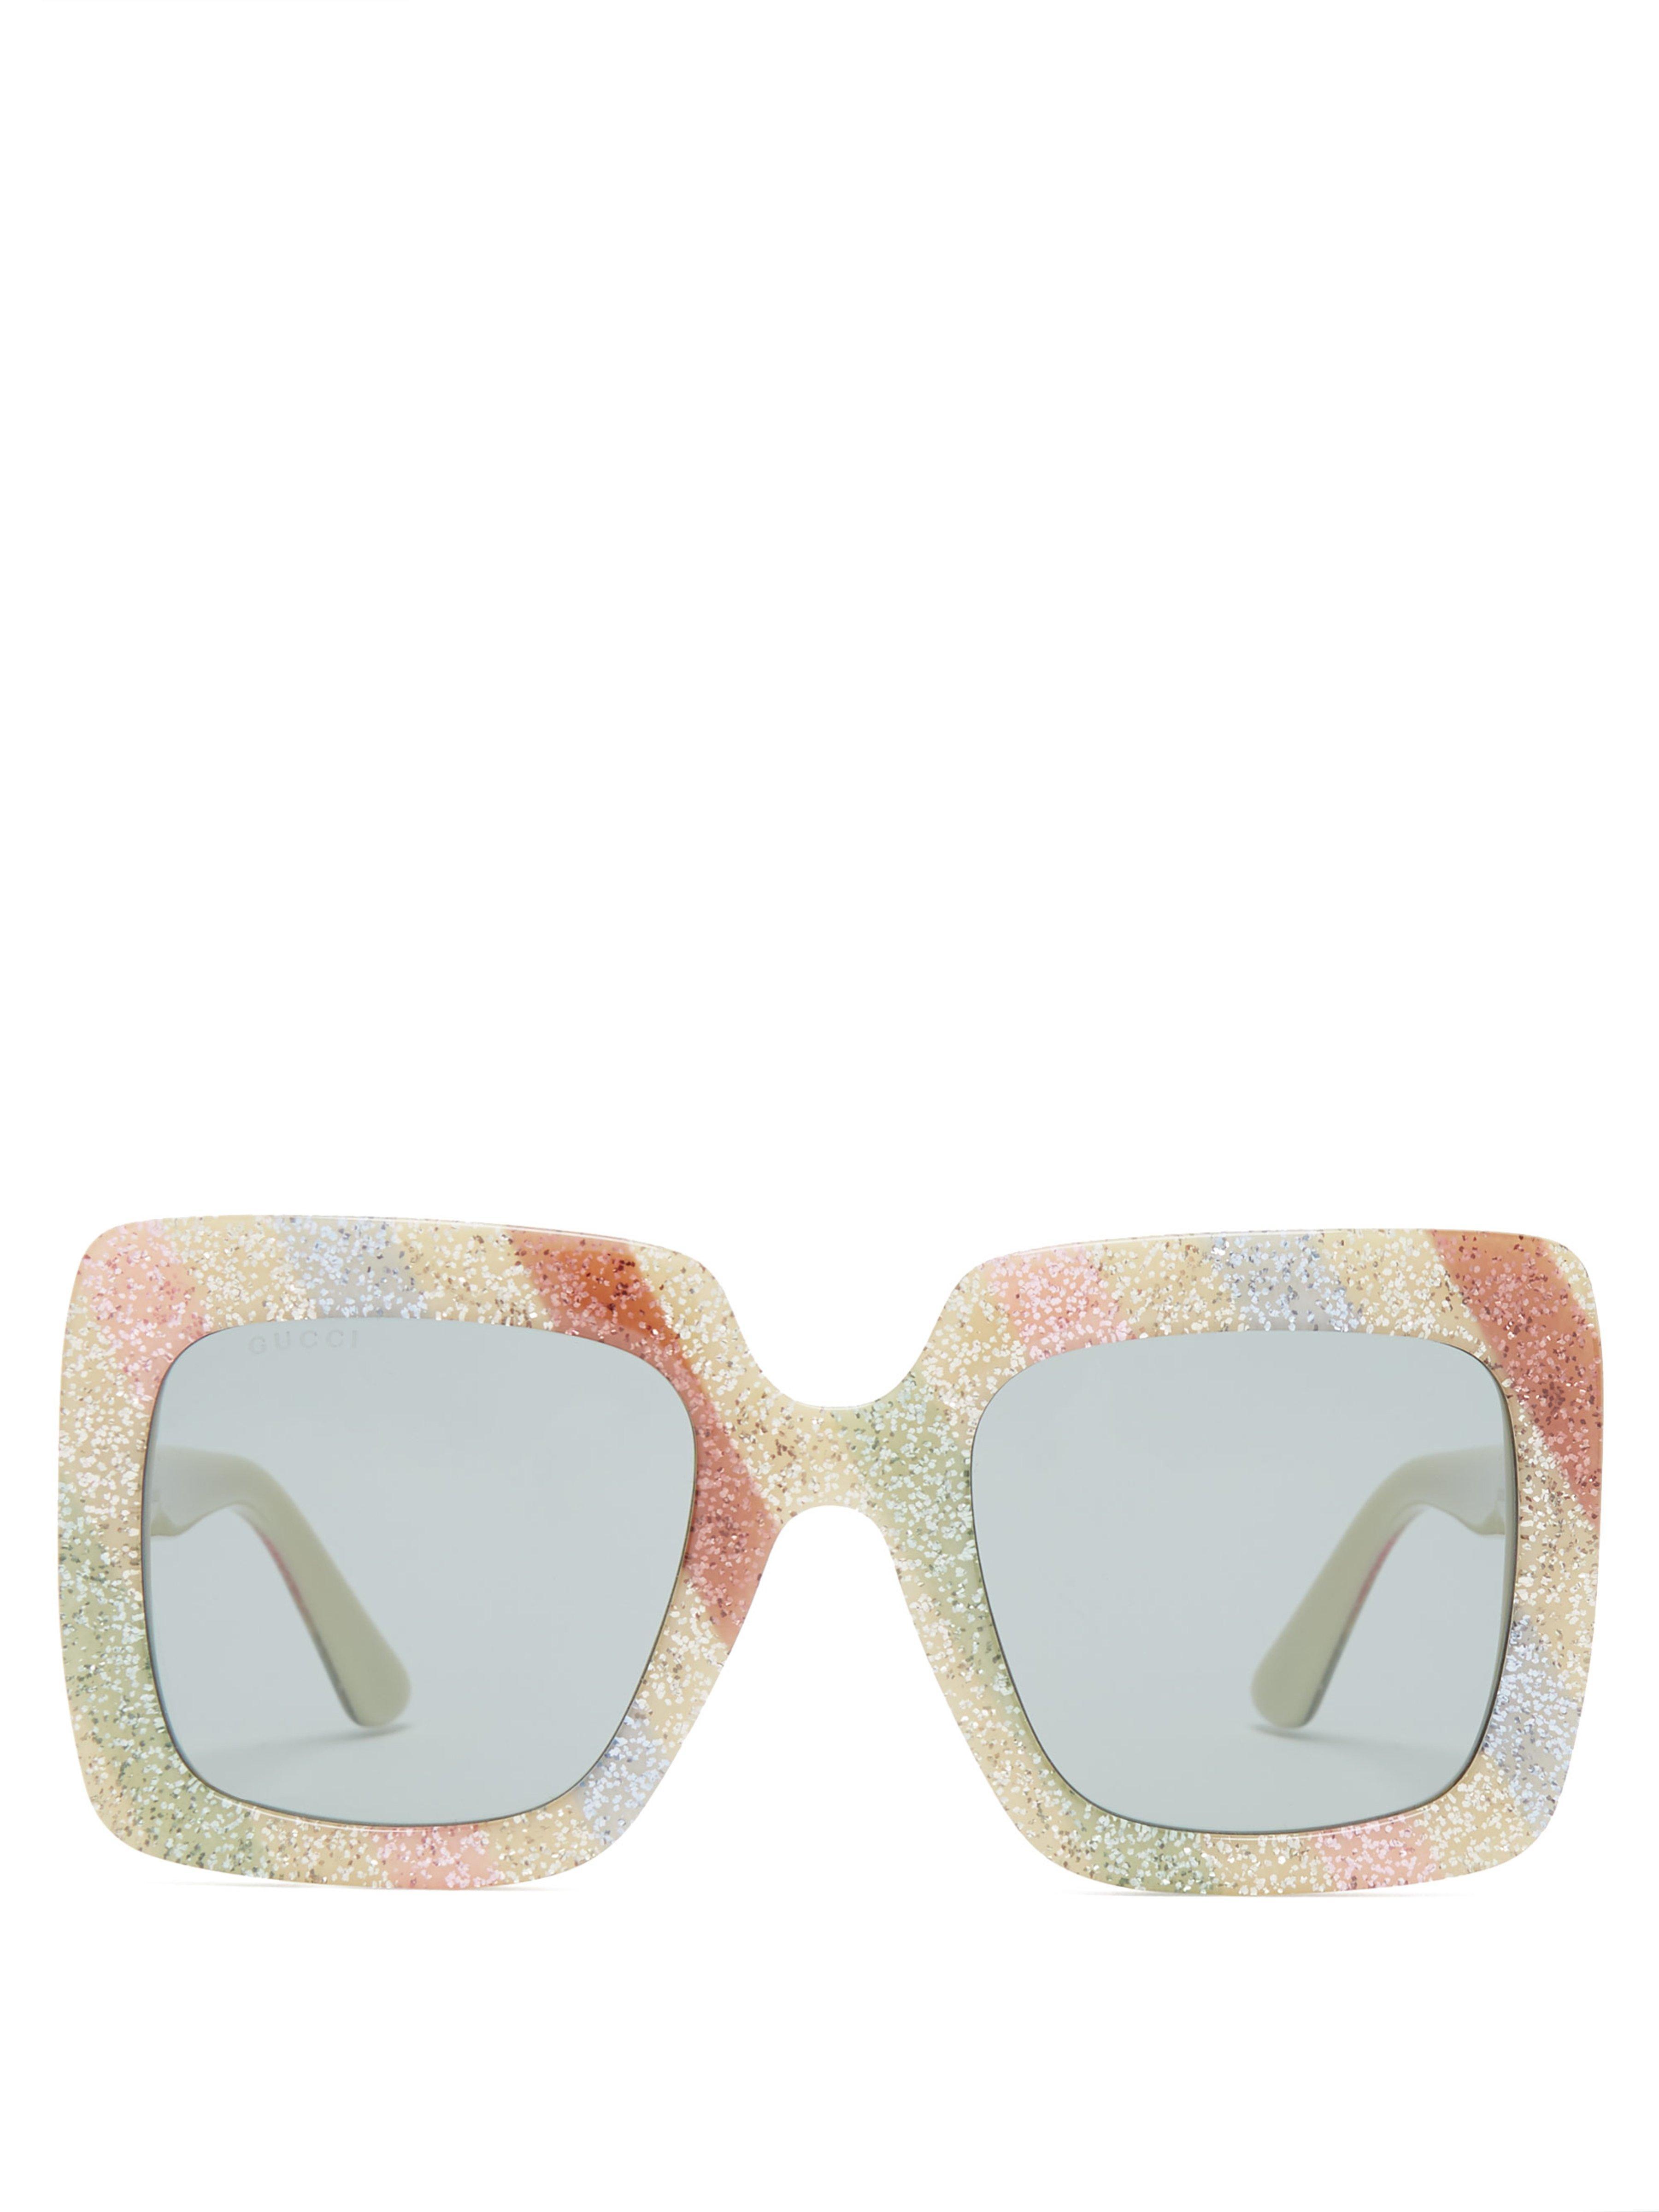 1c251e02f Gucci. Women's Glitter Stripe Square Acetate Sunglasses